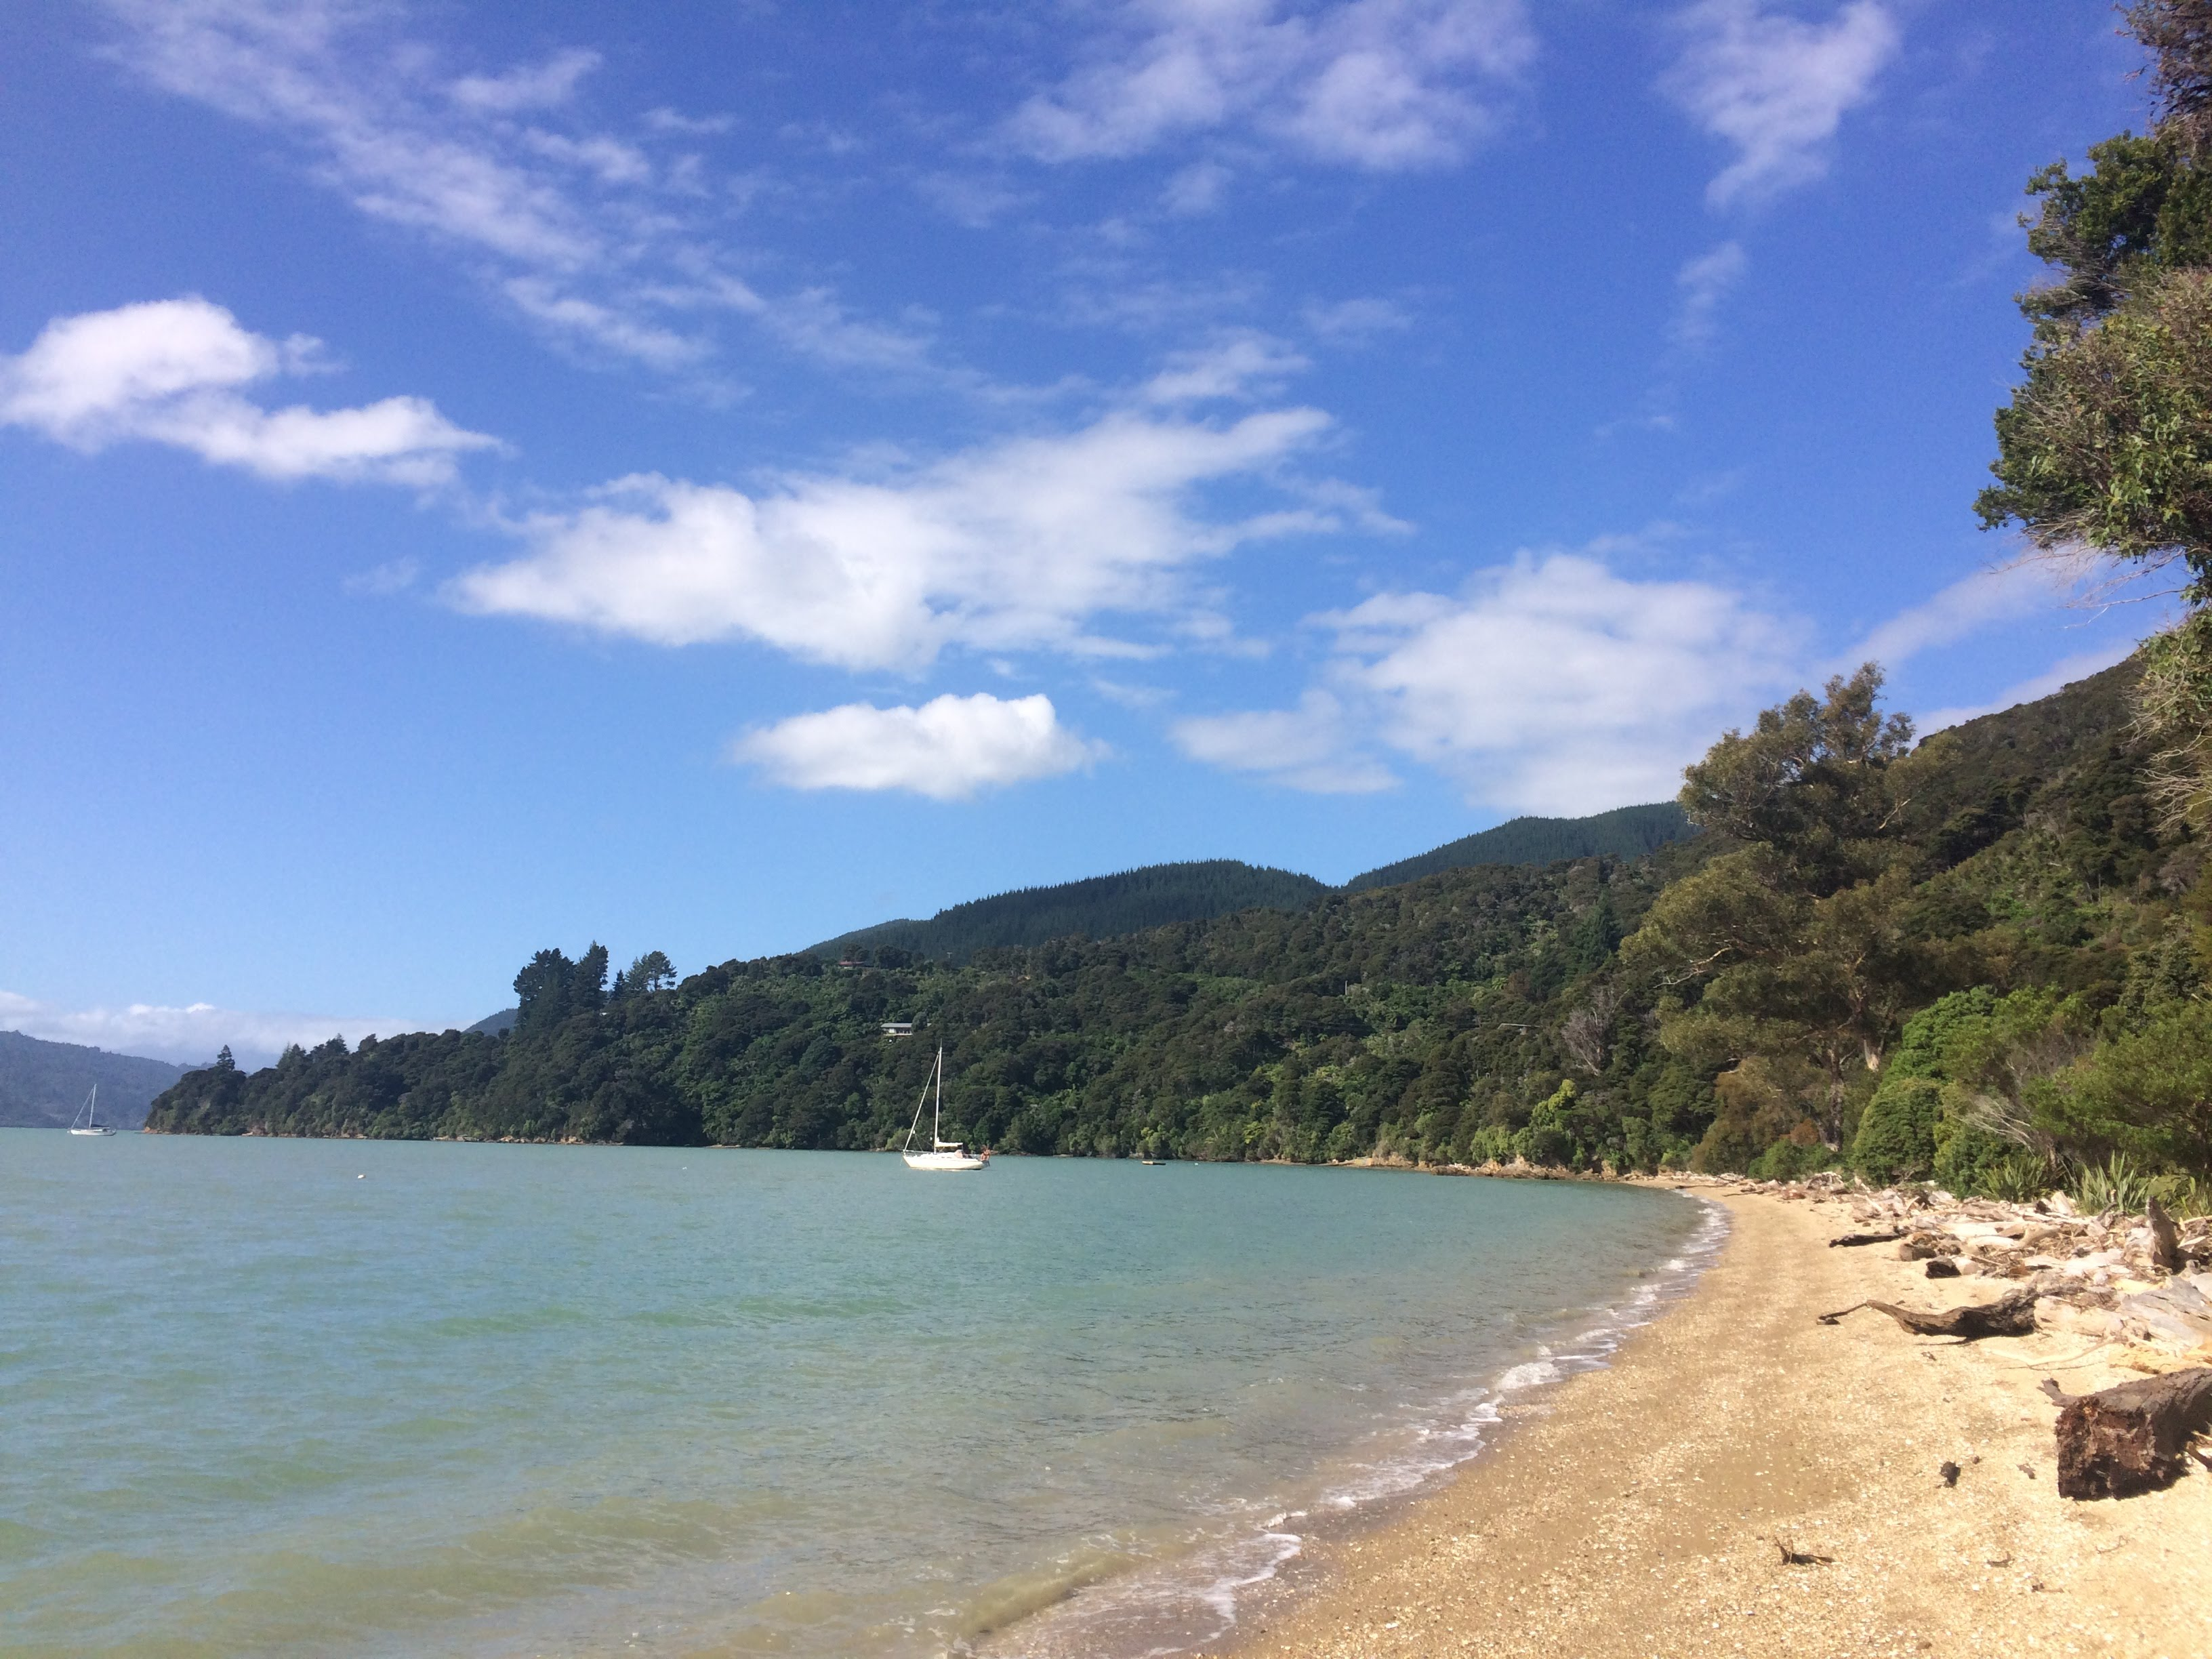 Moetapu Bay